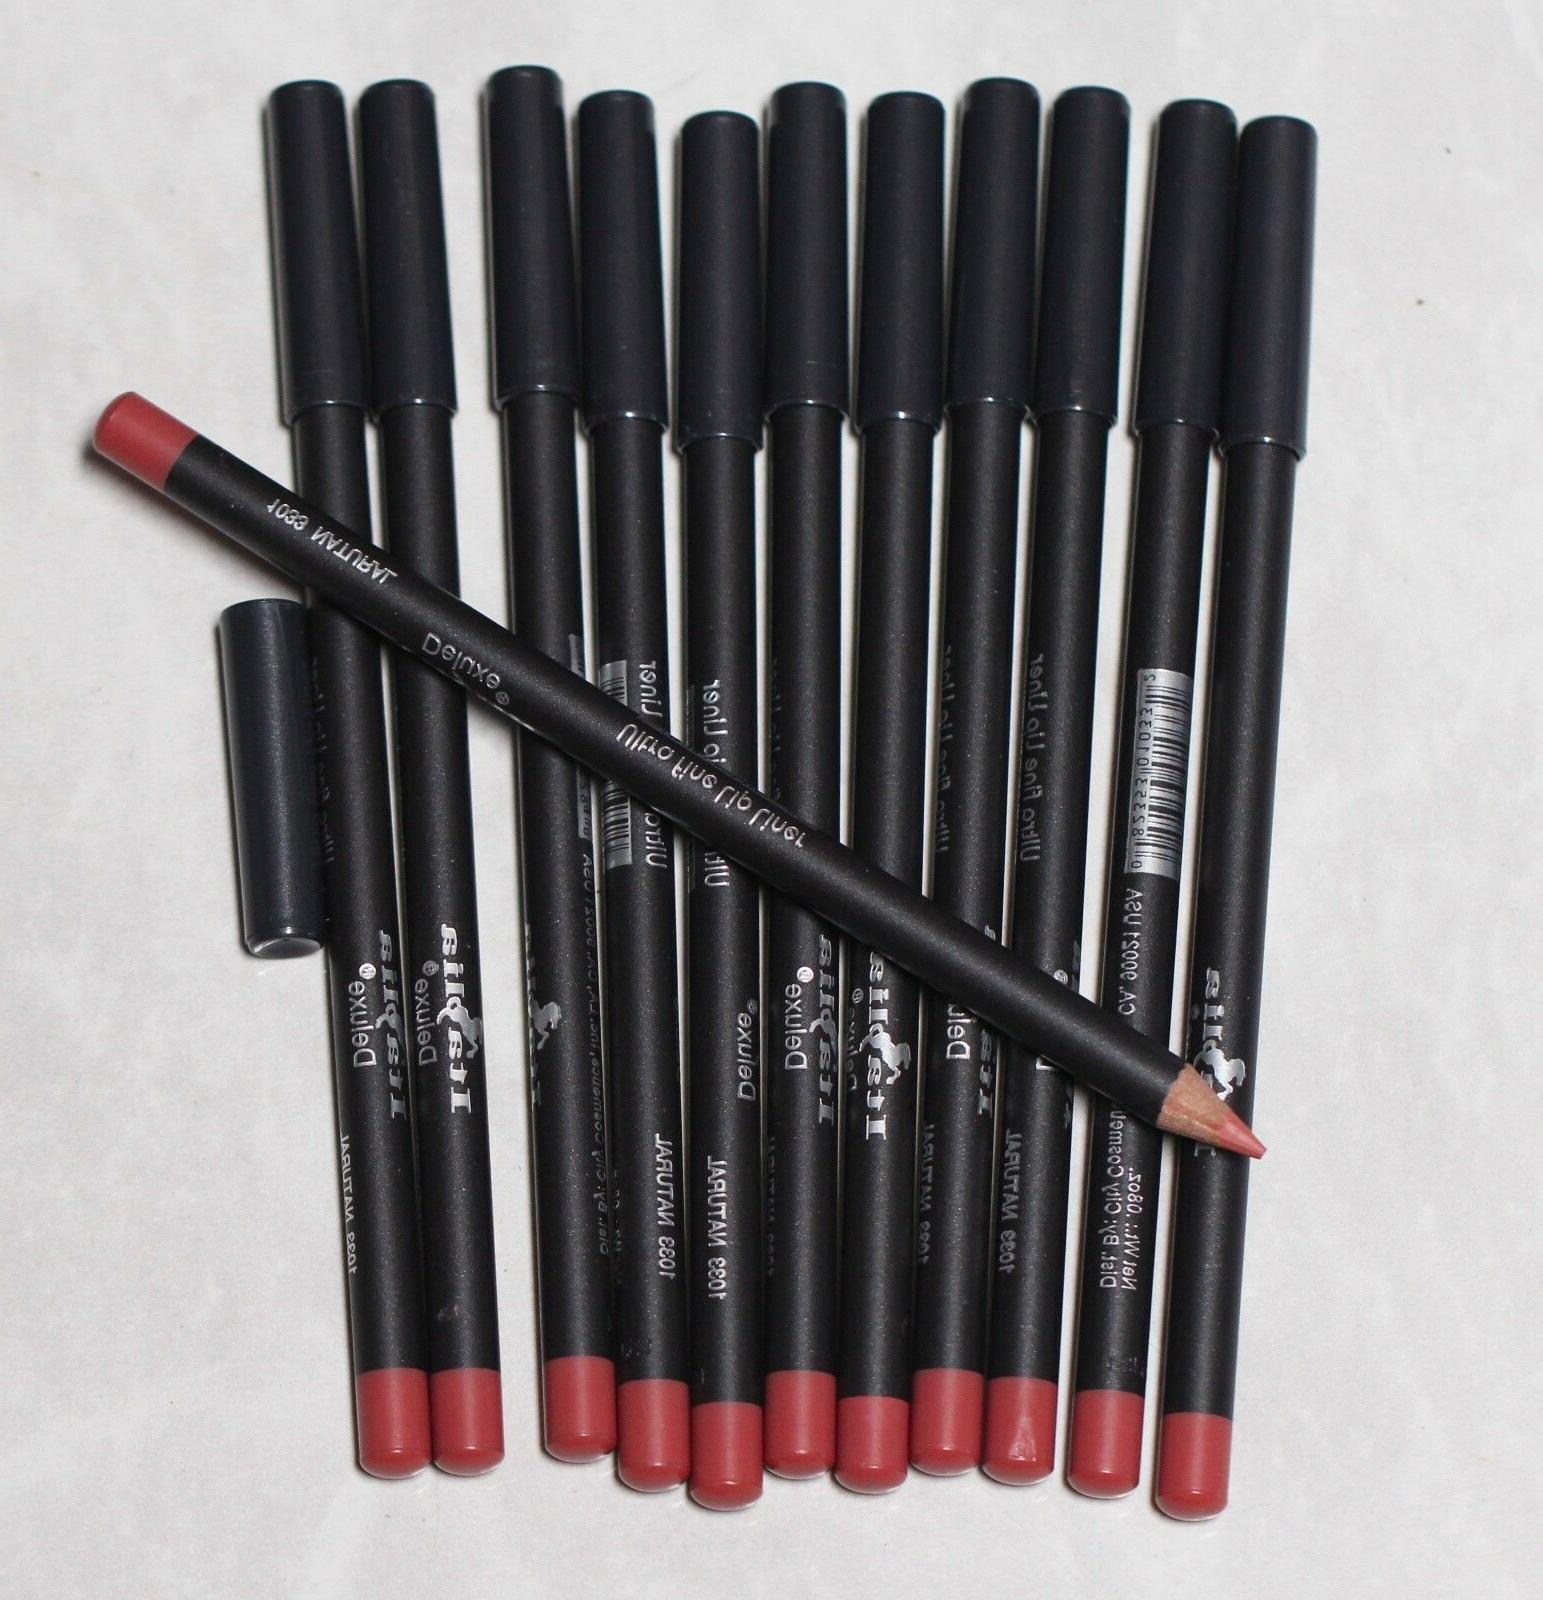 12 pcs ultra fine lip liner lipliner